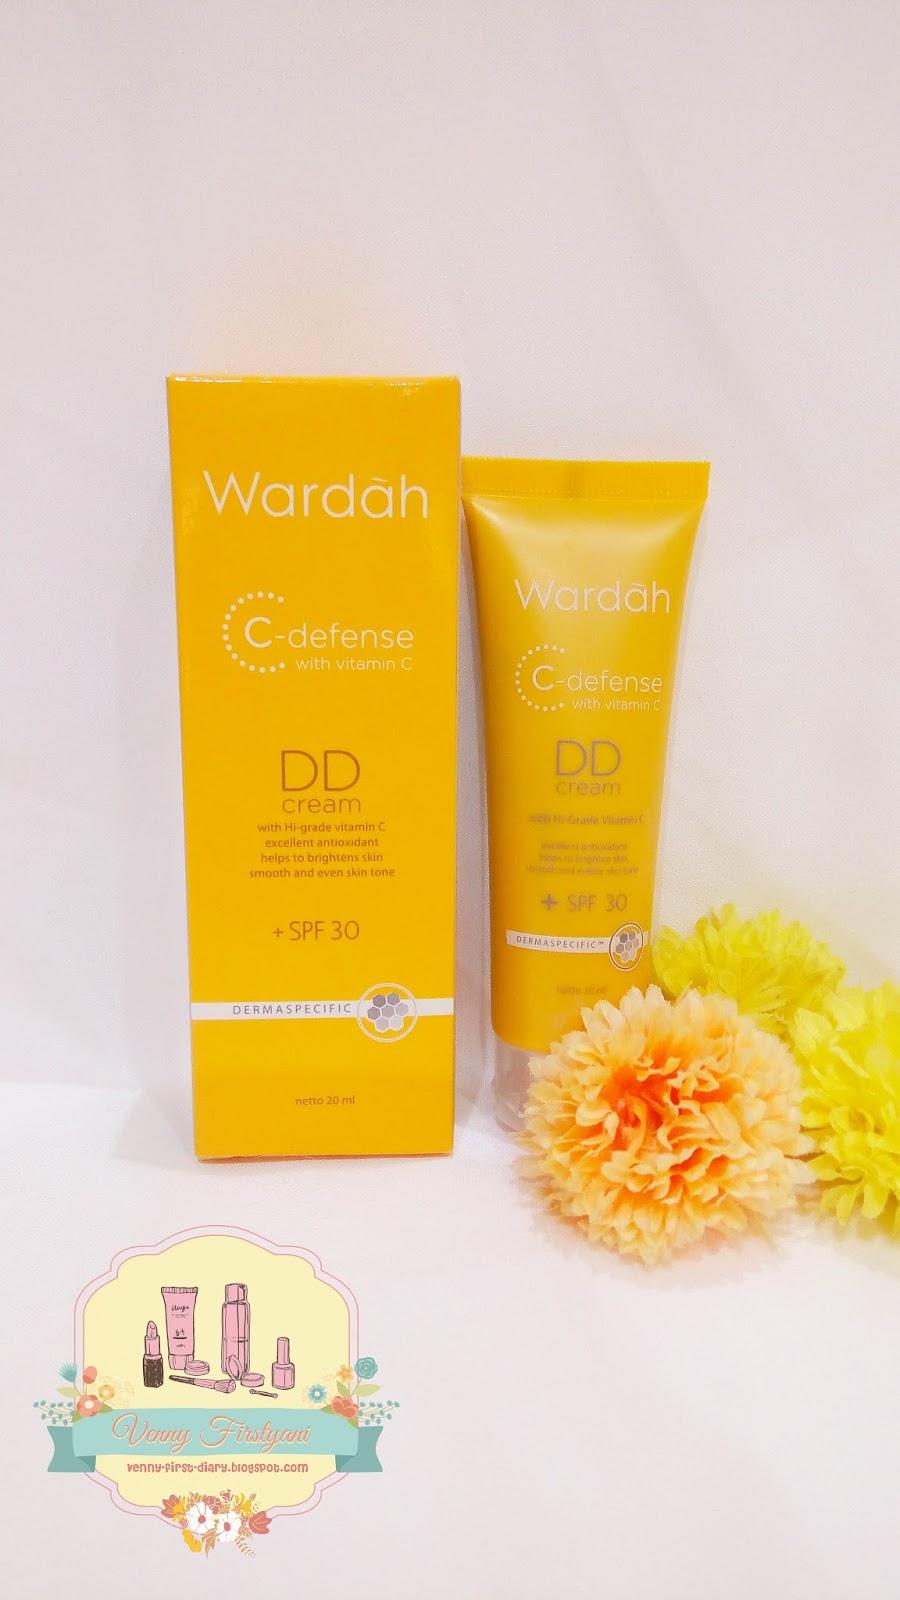 Wardah DD Cream, Alas Bedak Lokal Budget untuk Pemula